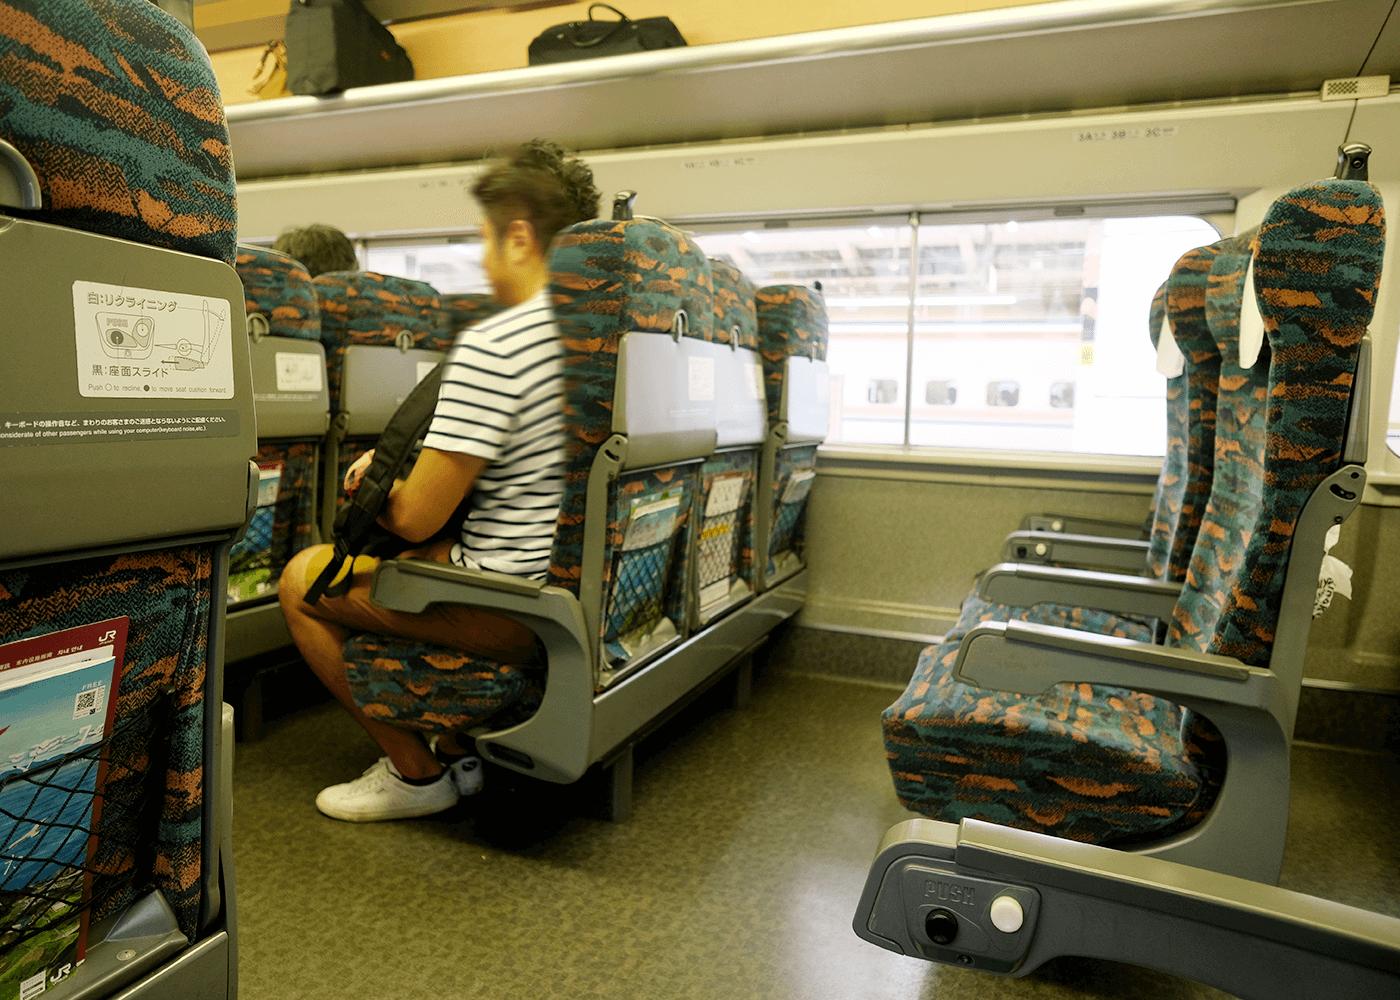 マイクロブルワリー を訪ねて(4)新幹線にて